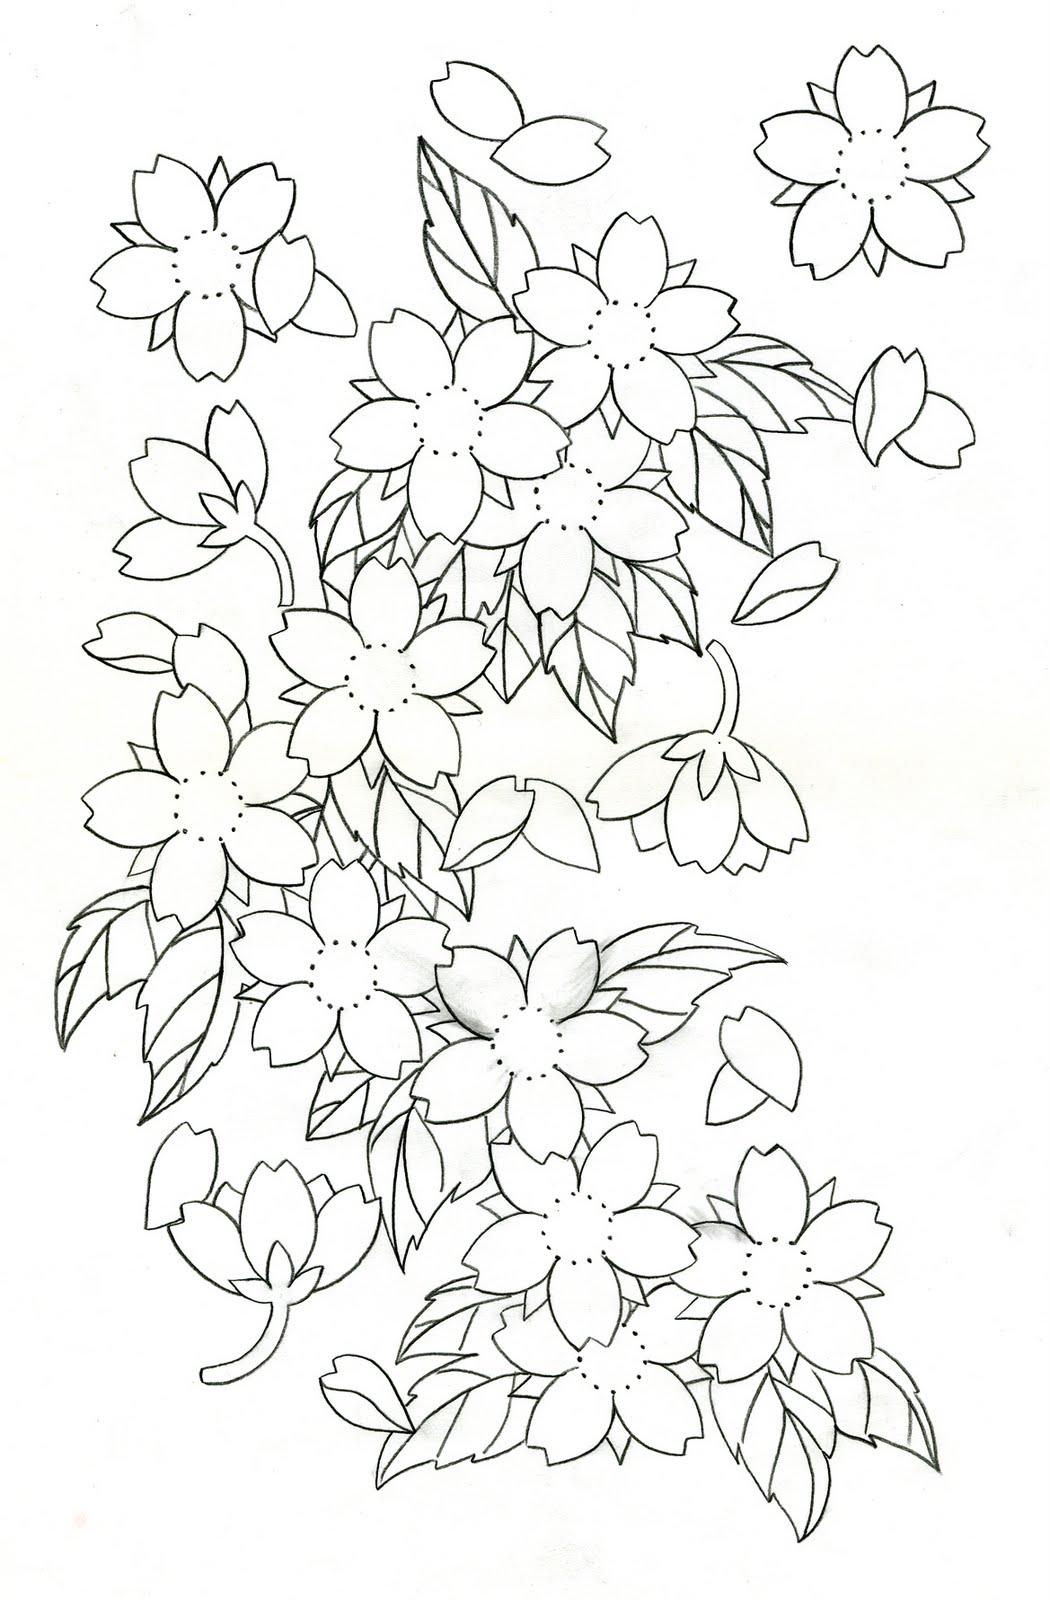 1050x1600 17 Cherry Blossom Outline Design Images